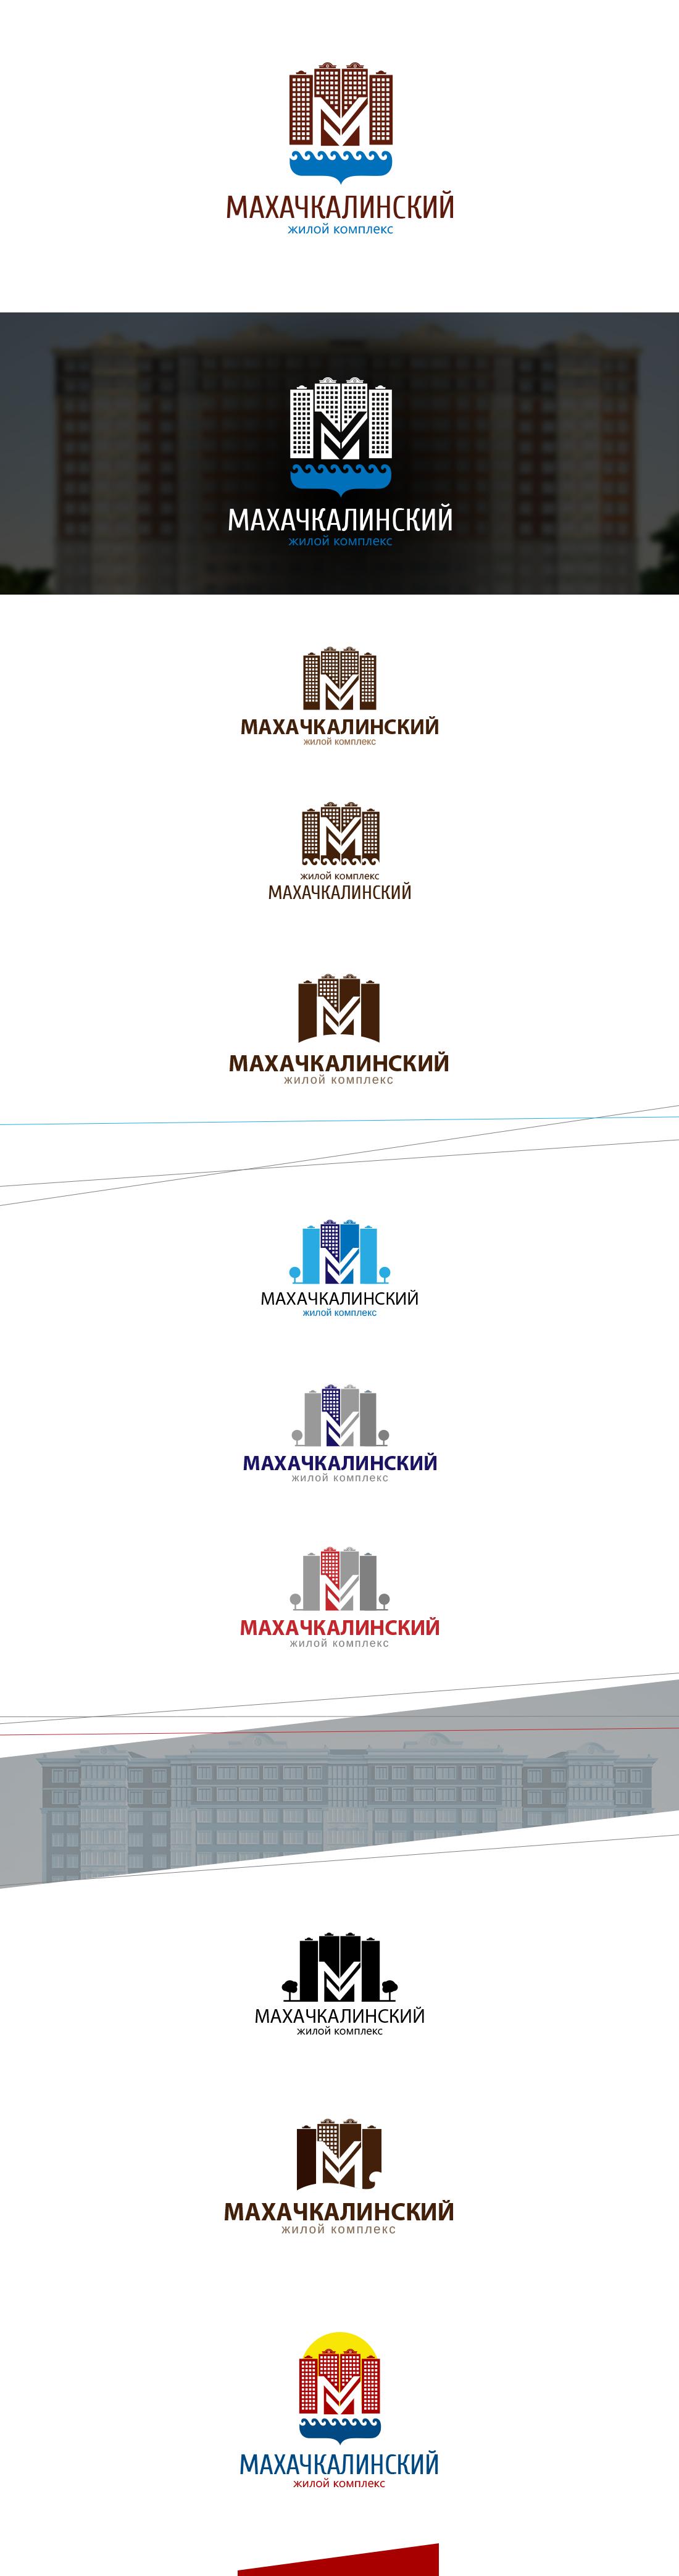 Махачкалинский – жилой комплекс